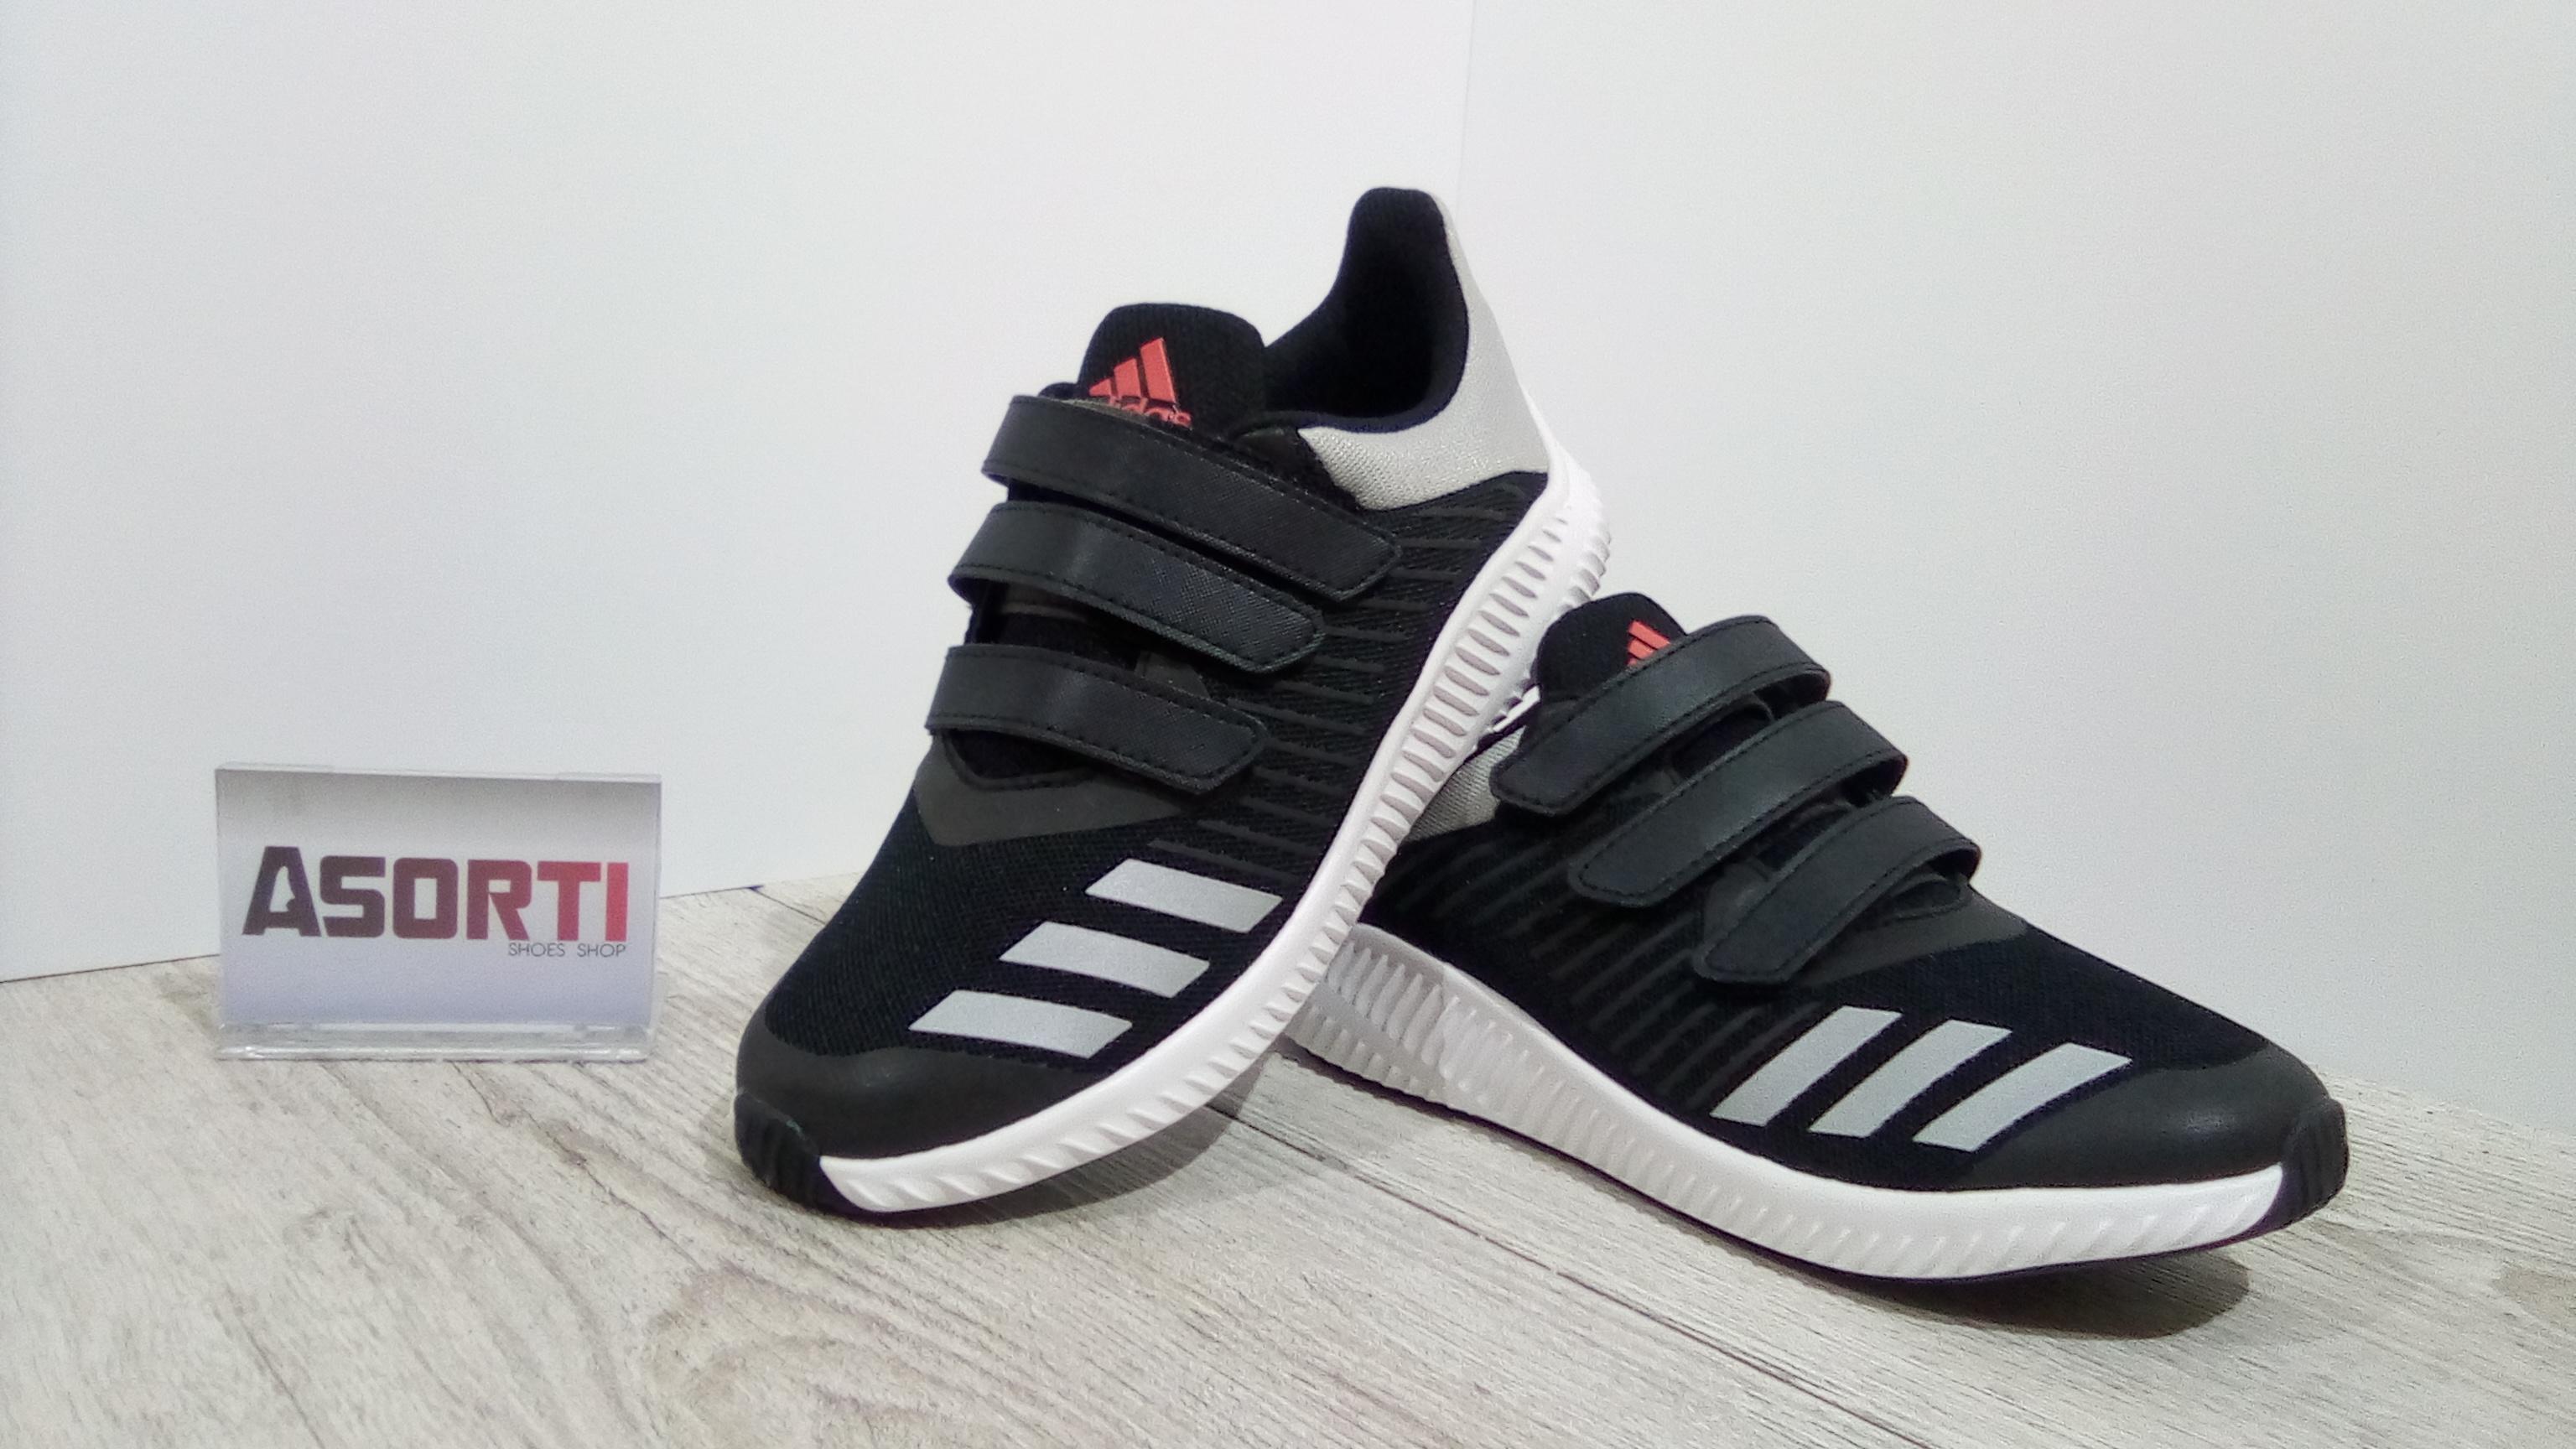 9ee16dc2 Дитячі кросівки для бігу Adidas Fortarun Kids (BA9478) чорні купити ...